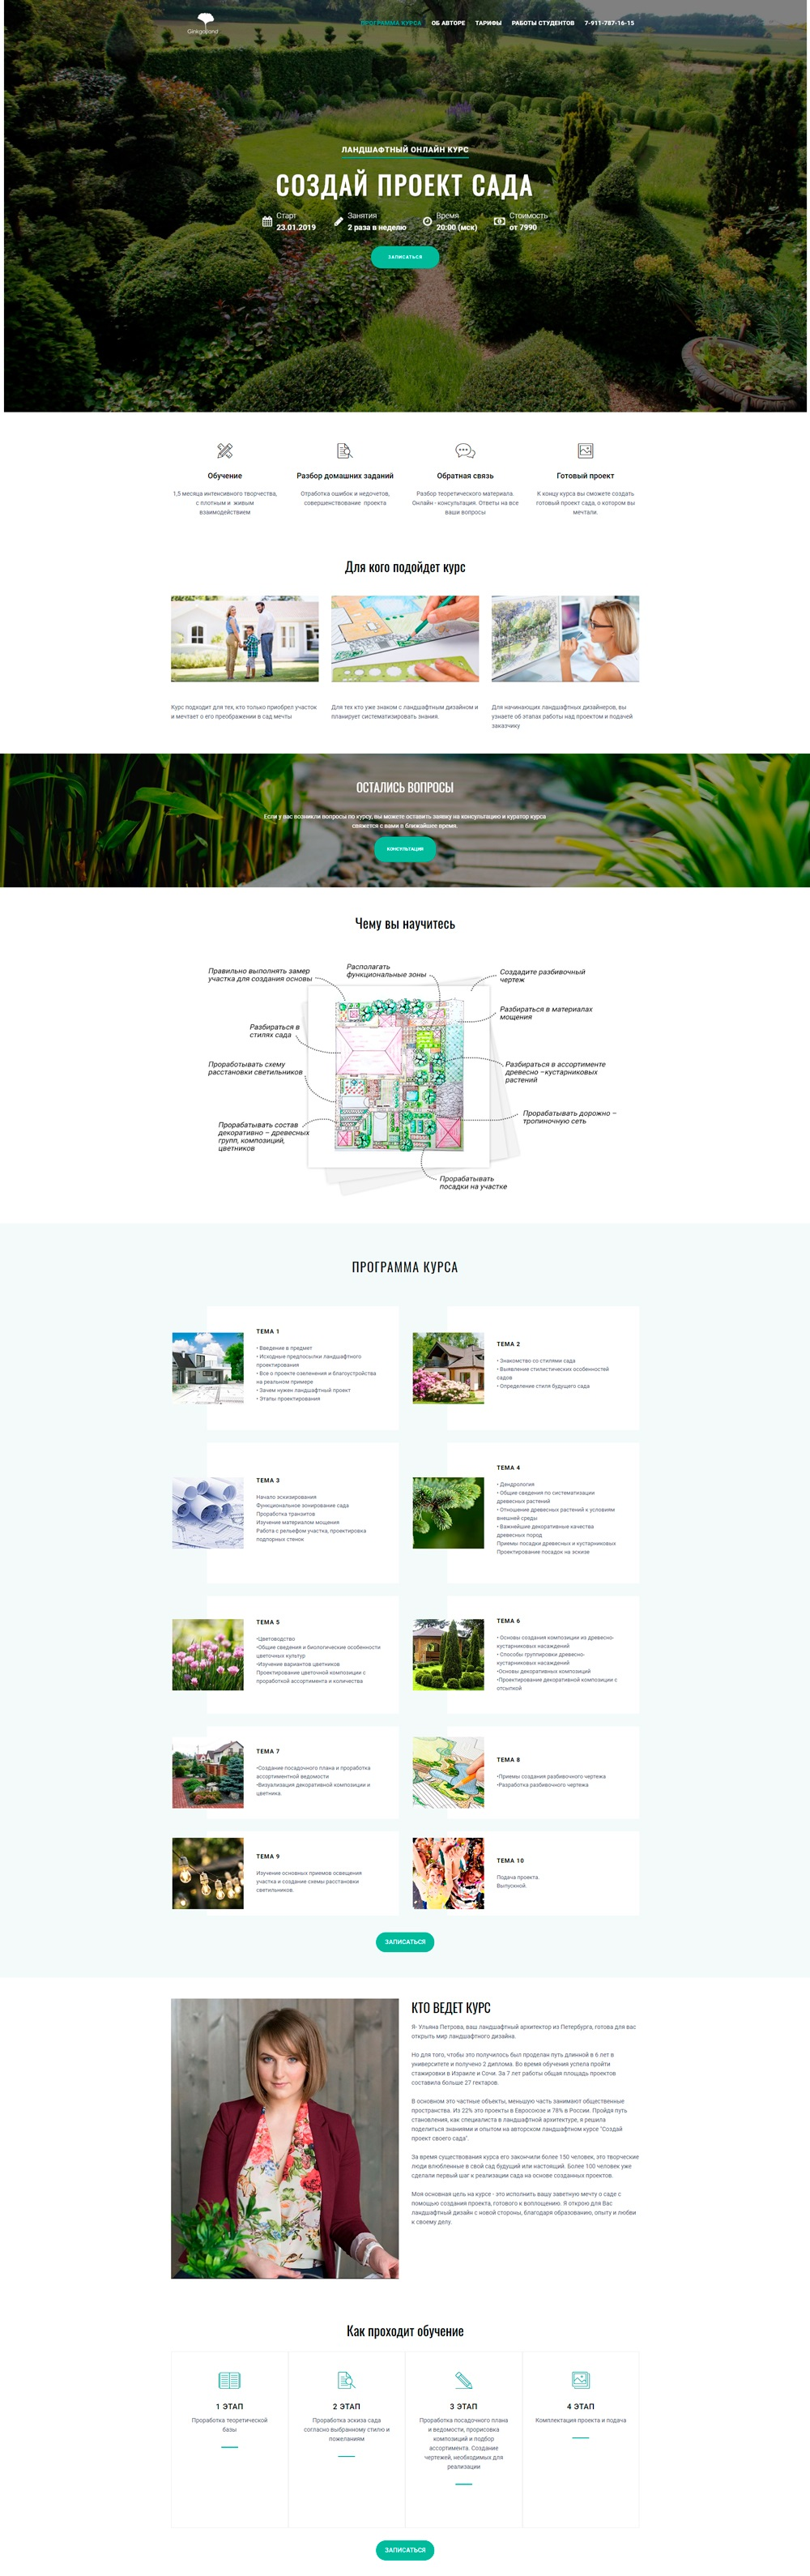 Разработка лендинга курсов по ландшафтному дизайну